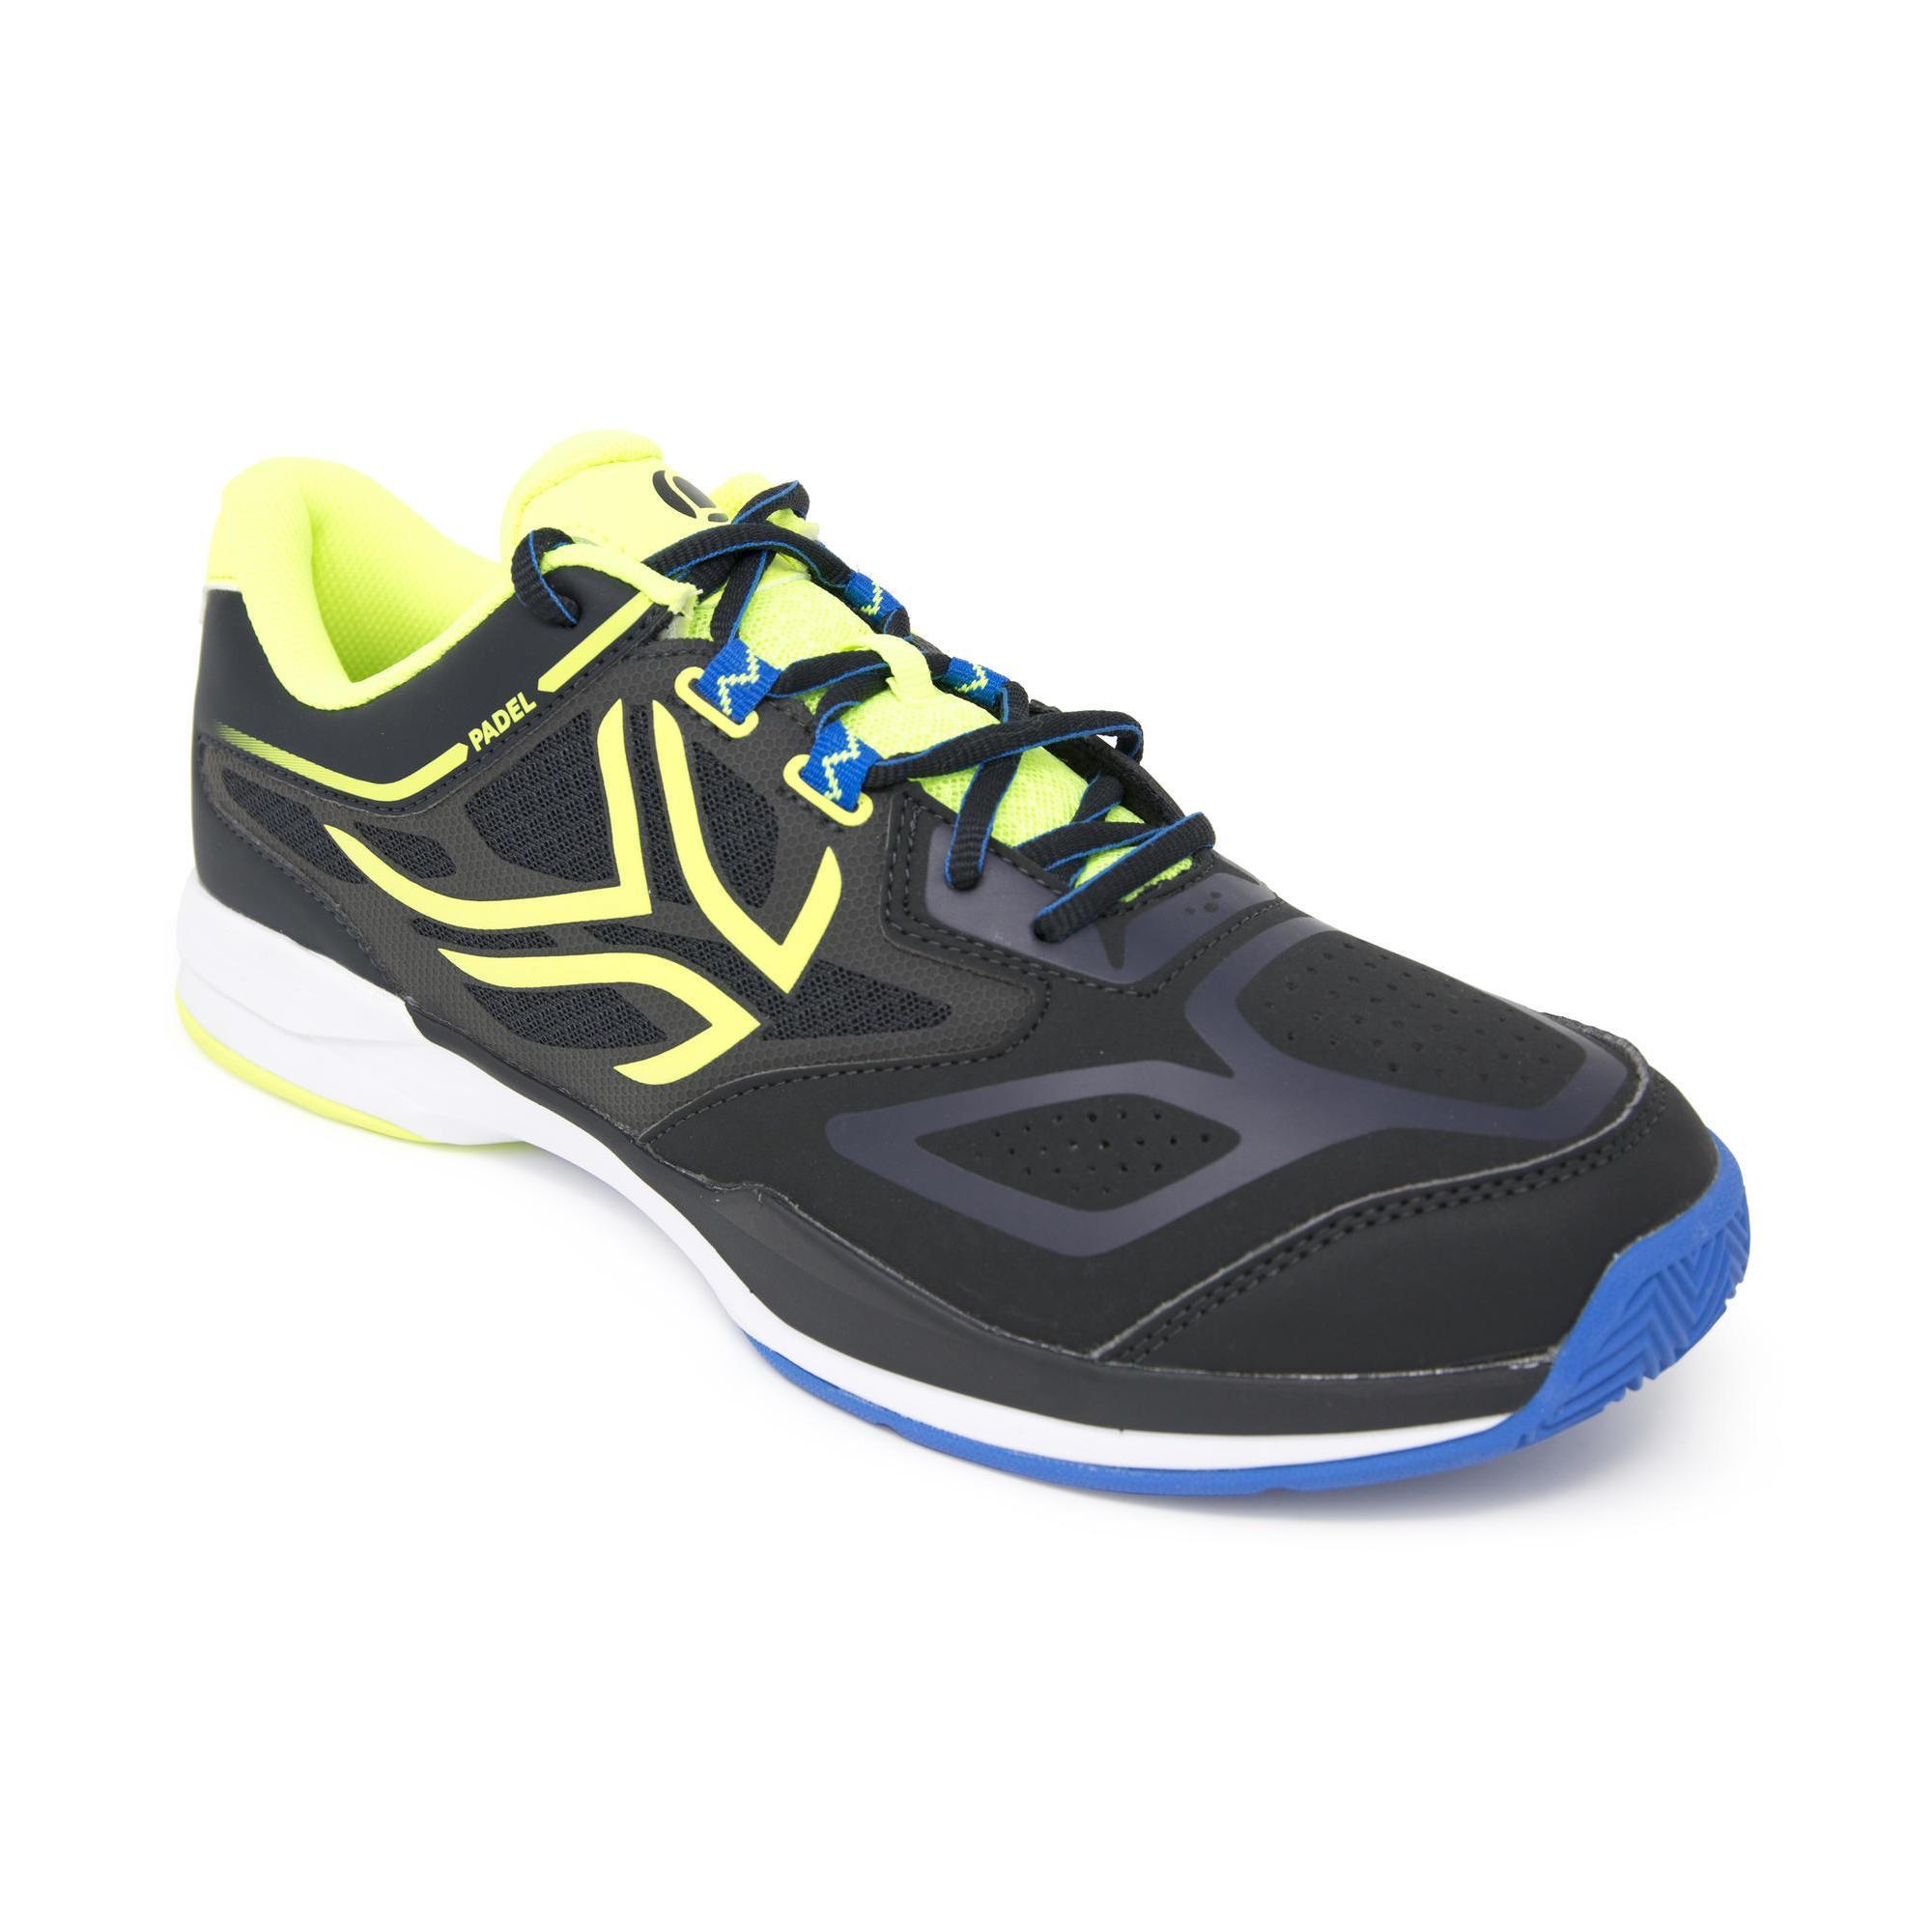 90254241 Comprar Zapatillas de pádel online | Decathlon